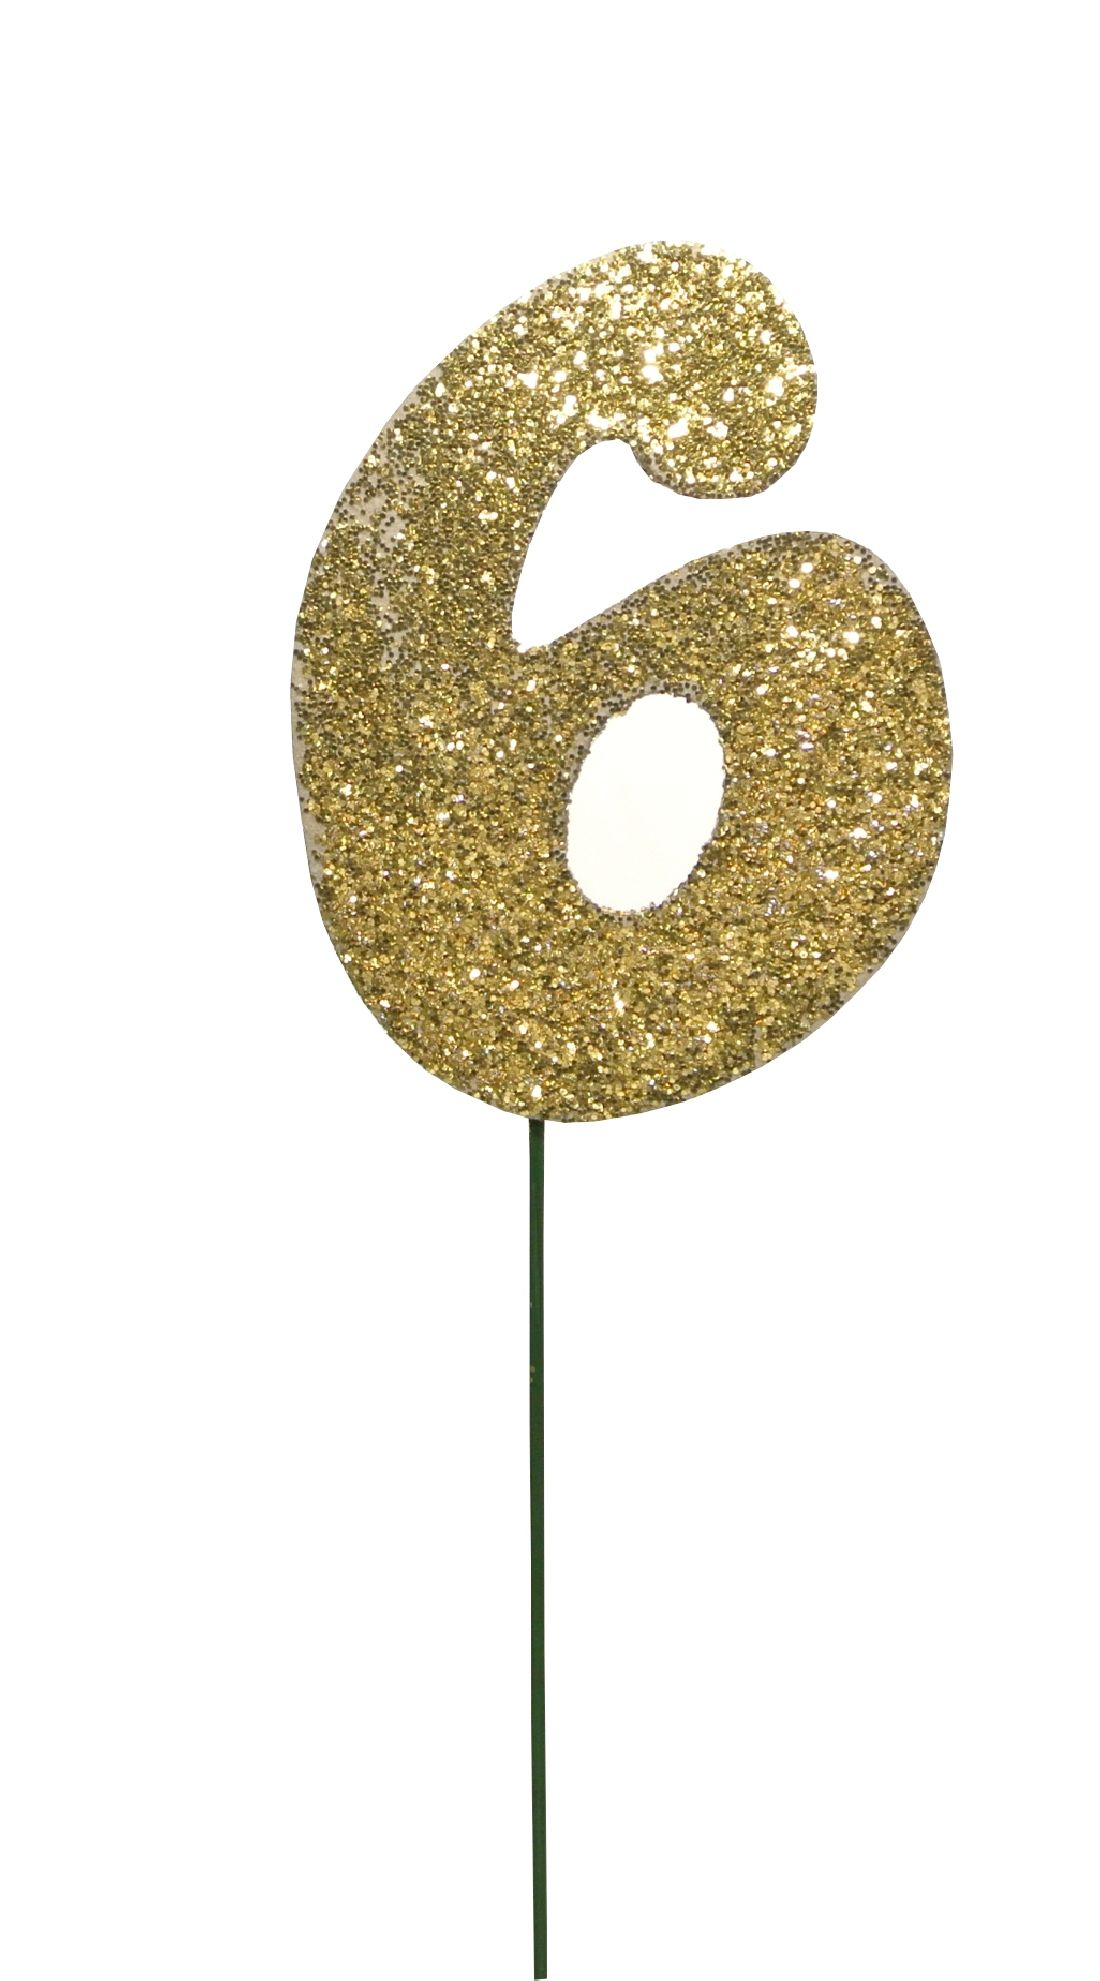 Glimmer-Einzelzahl GOLD 6er